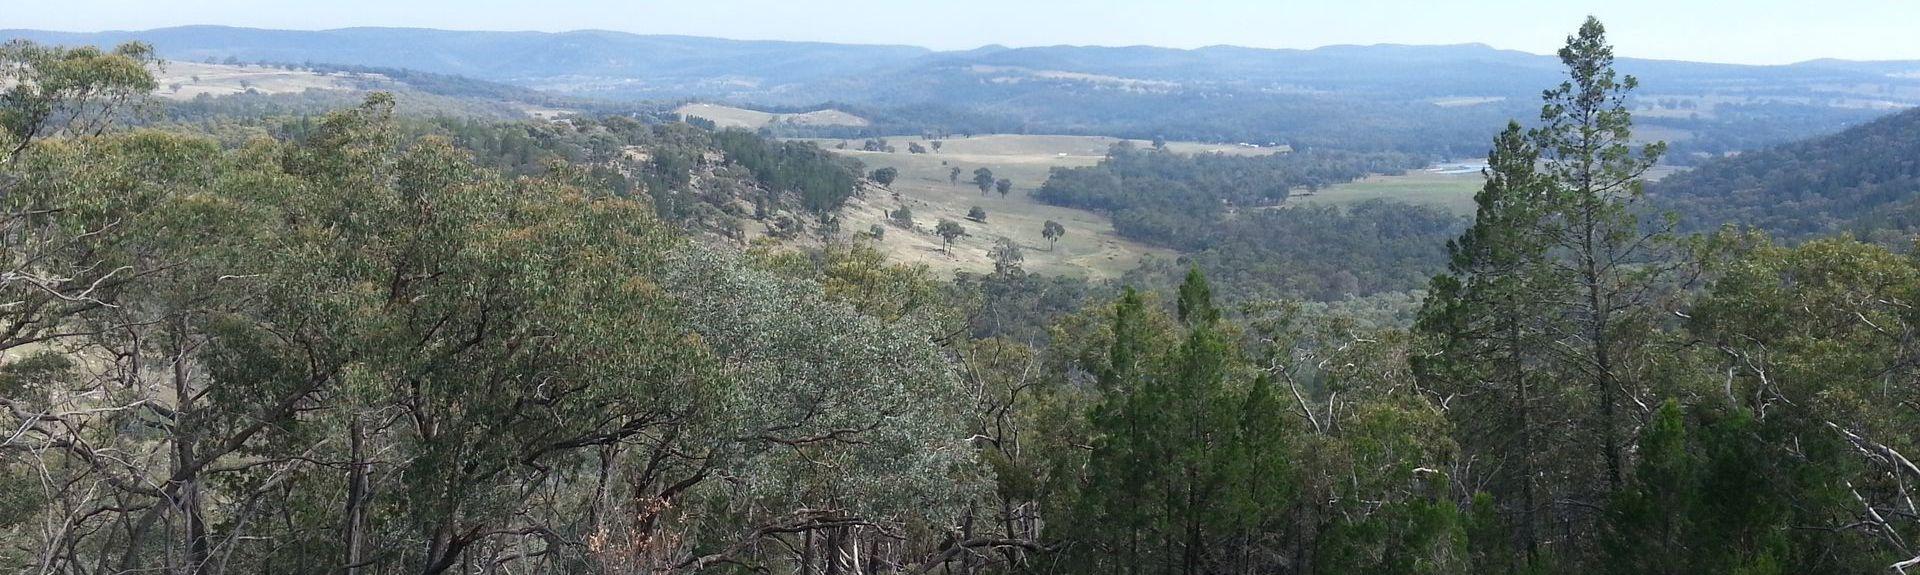 Wooragee, Victoria, Australien